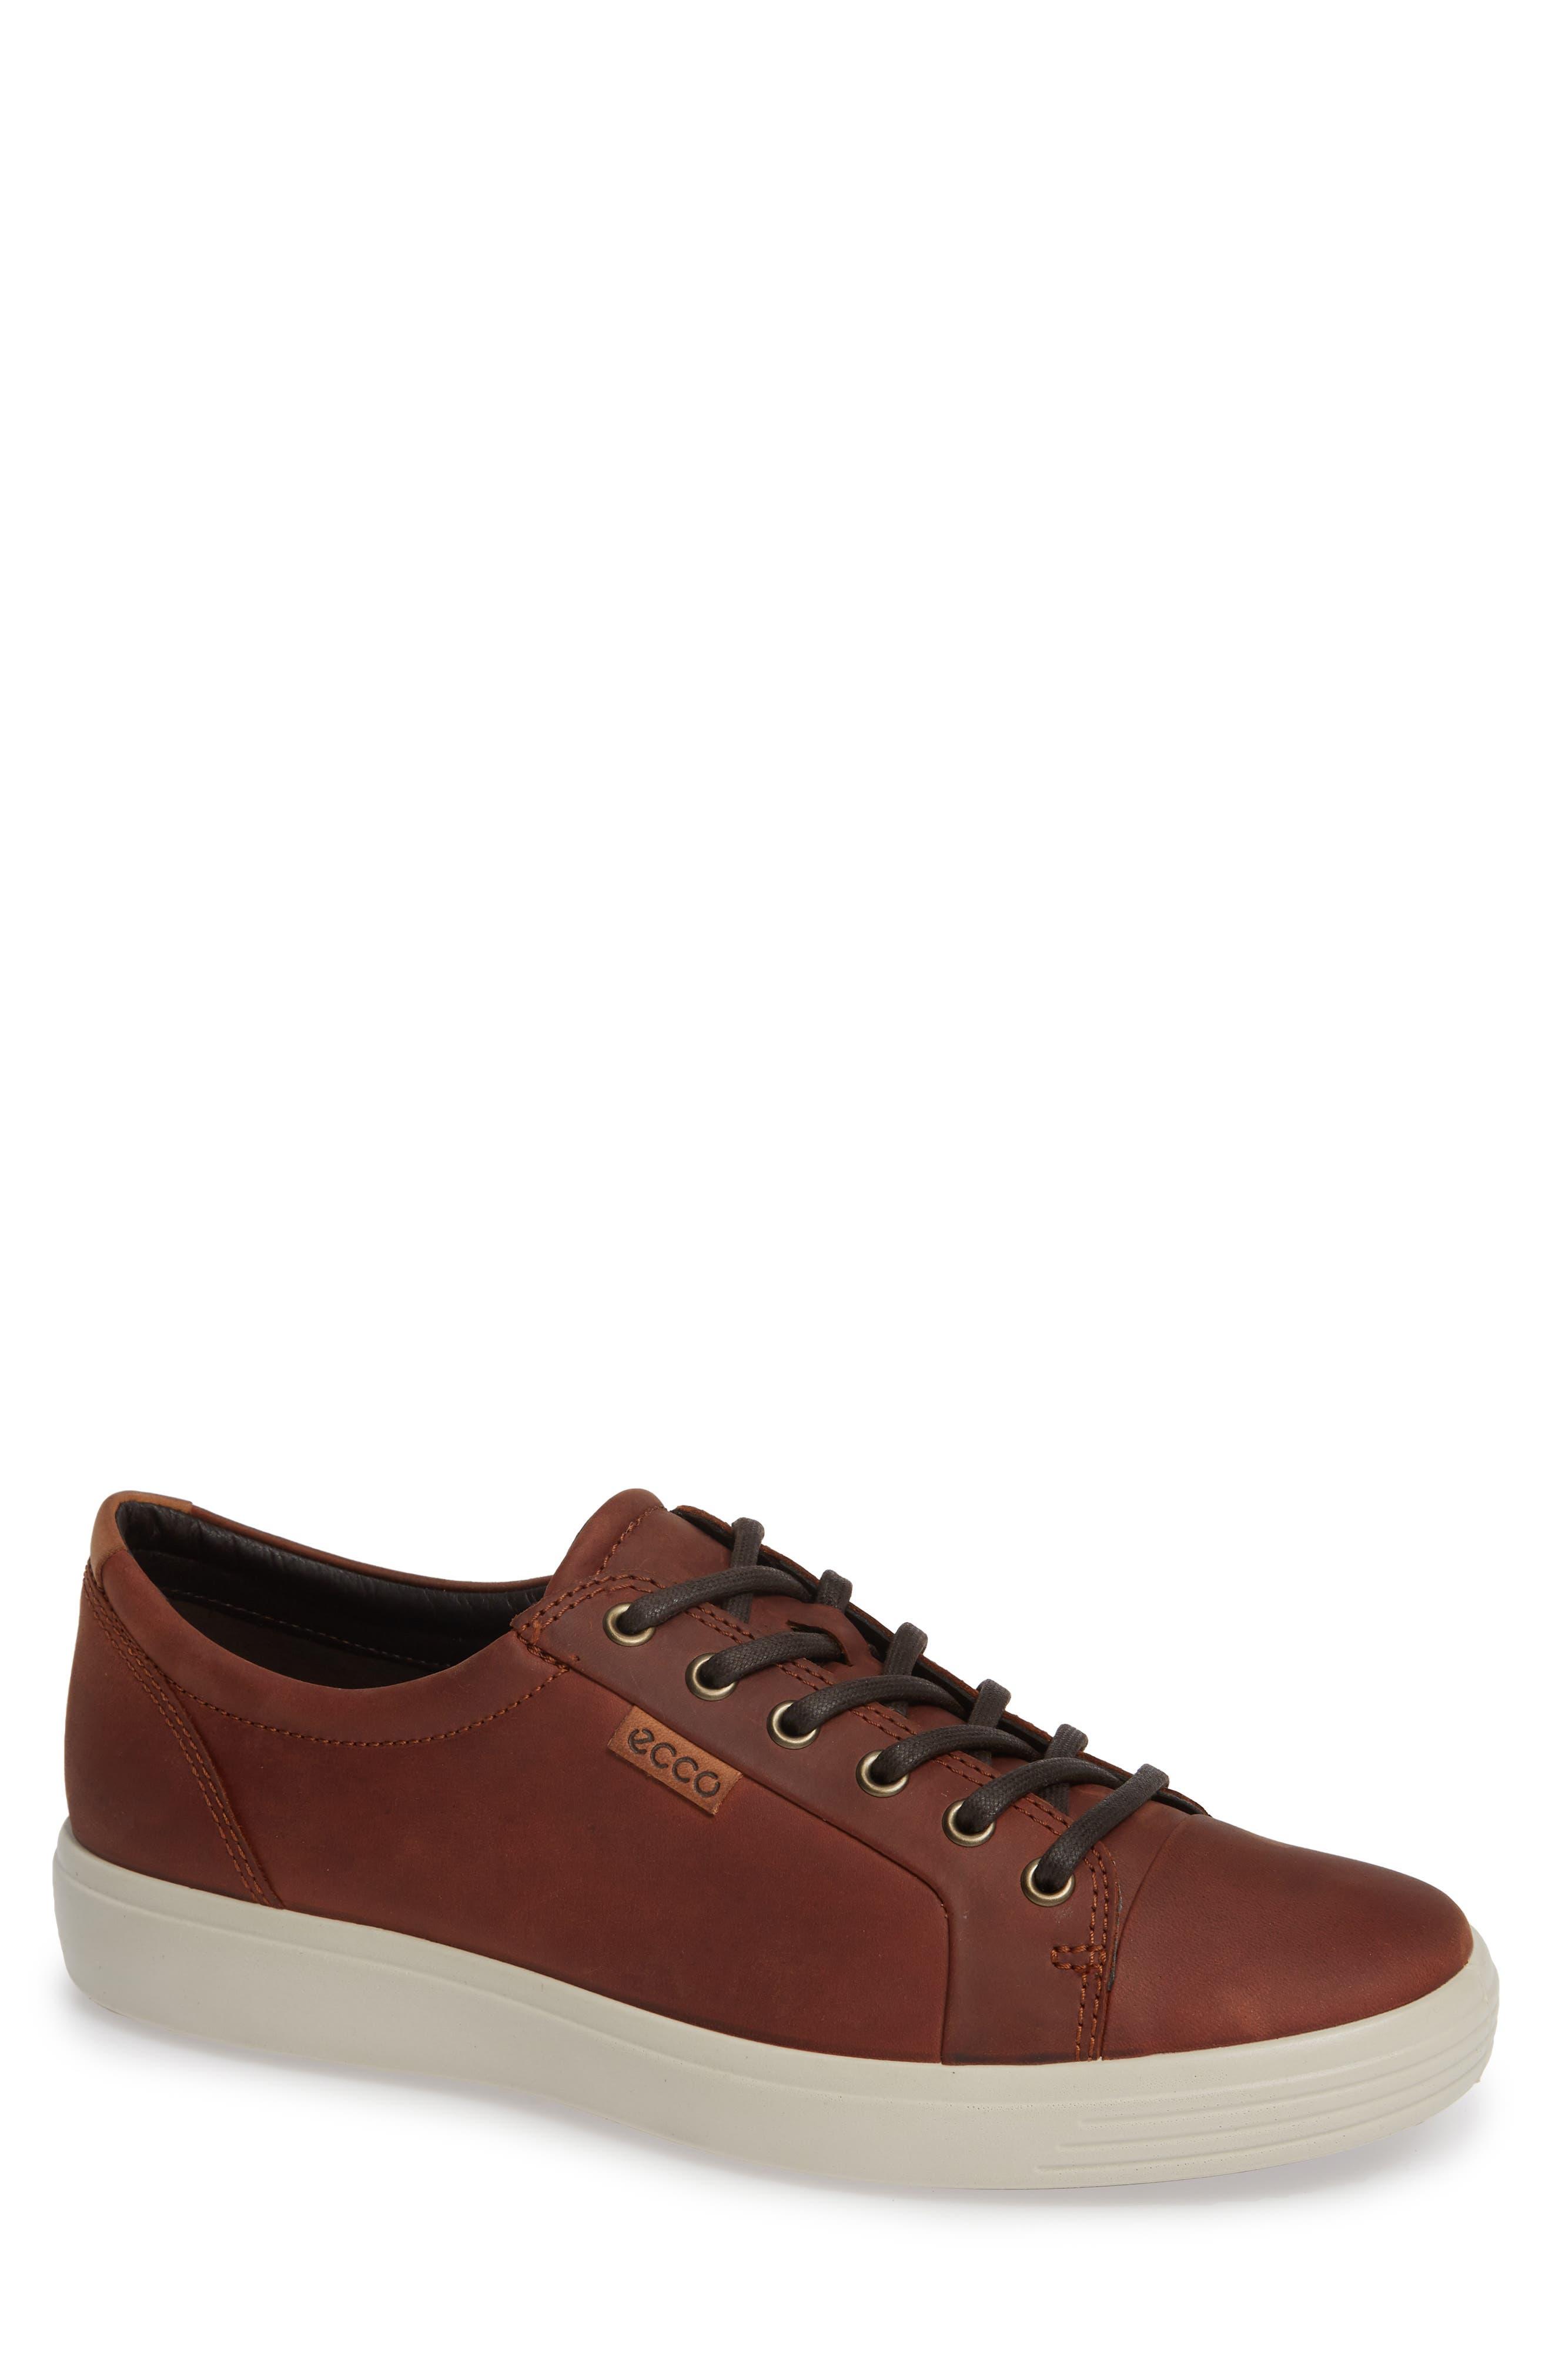 ecco Soft Mens Sneaker Low Herren Schwarz Schuhe